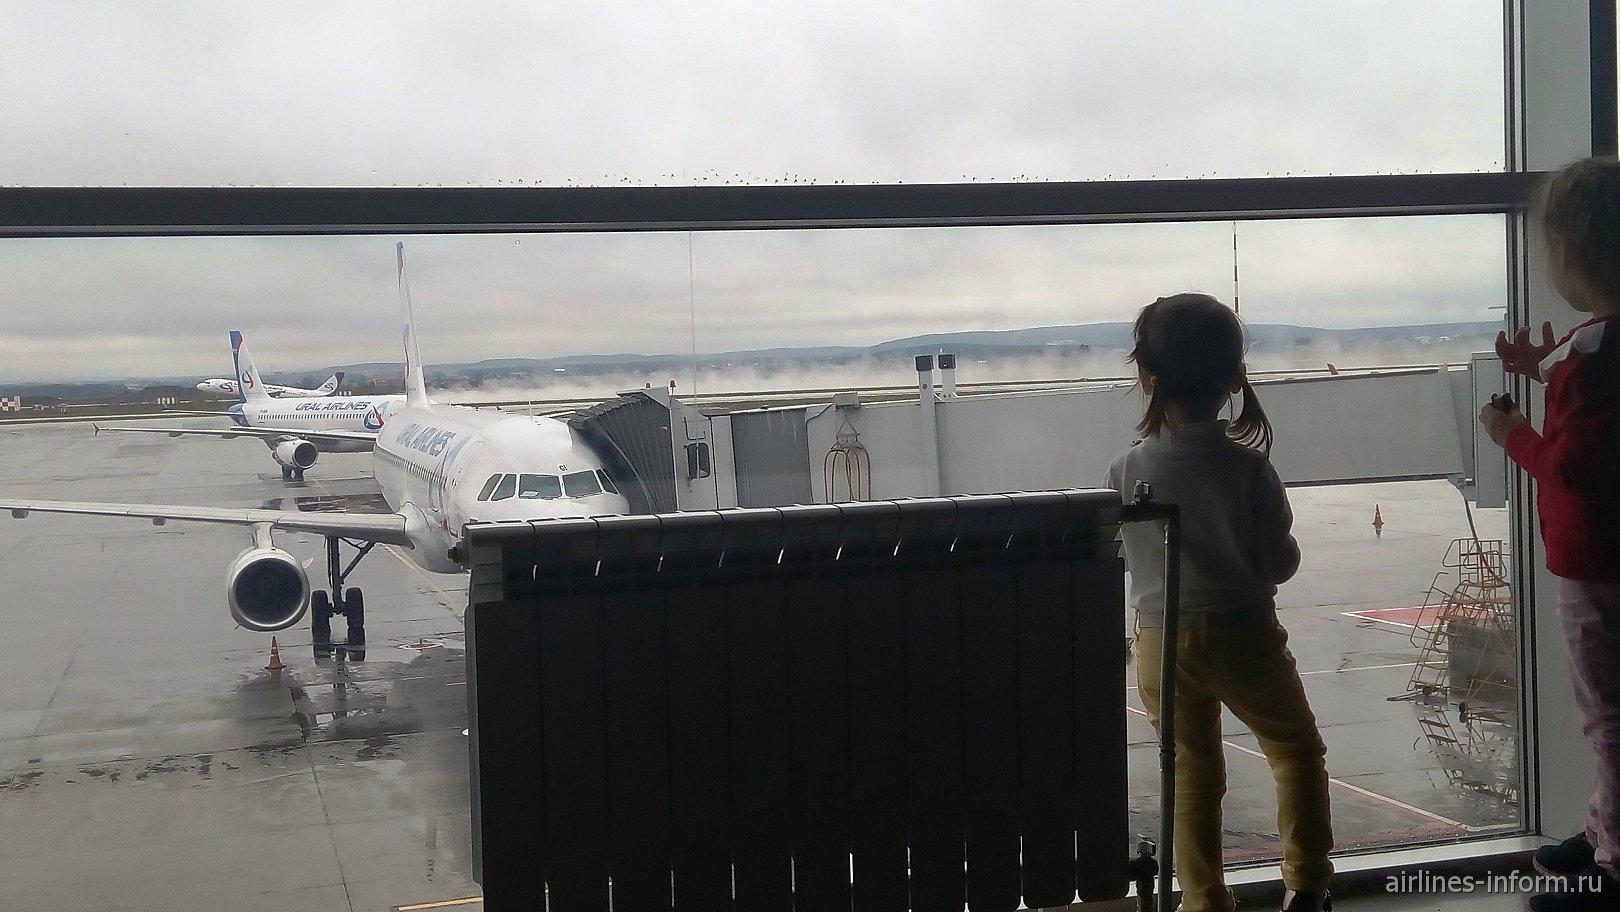 Уральскими авиалиниями из Екатеринбурга в Москву на А320: новые сервисы, дебошир и первый рейс